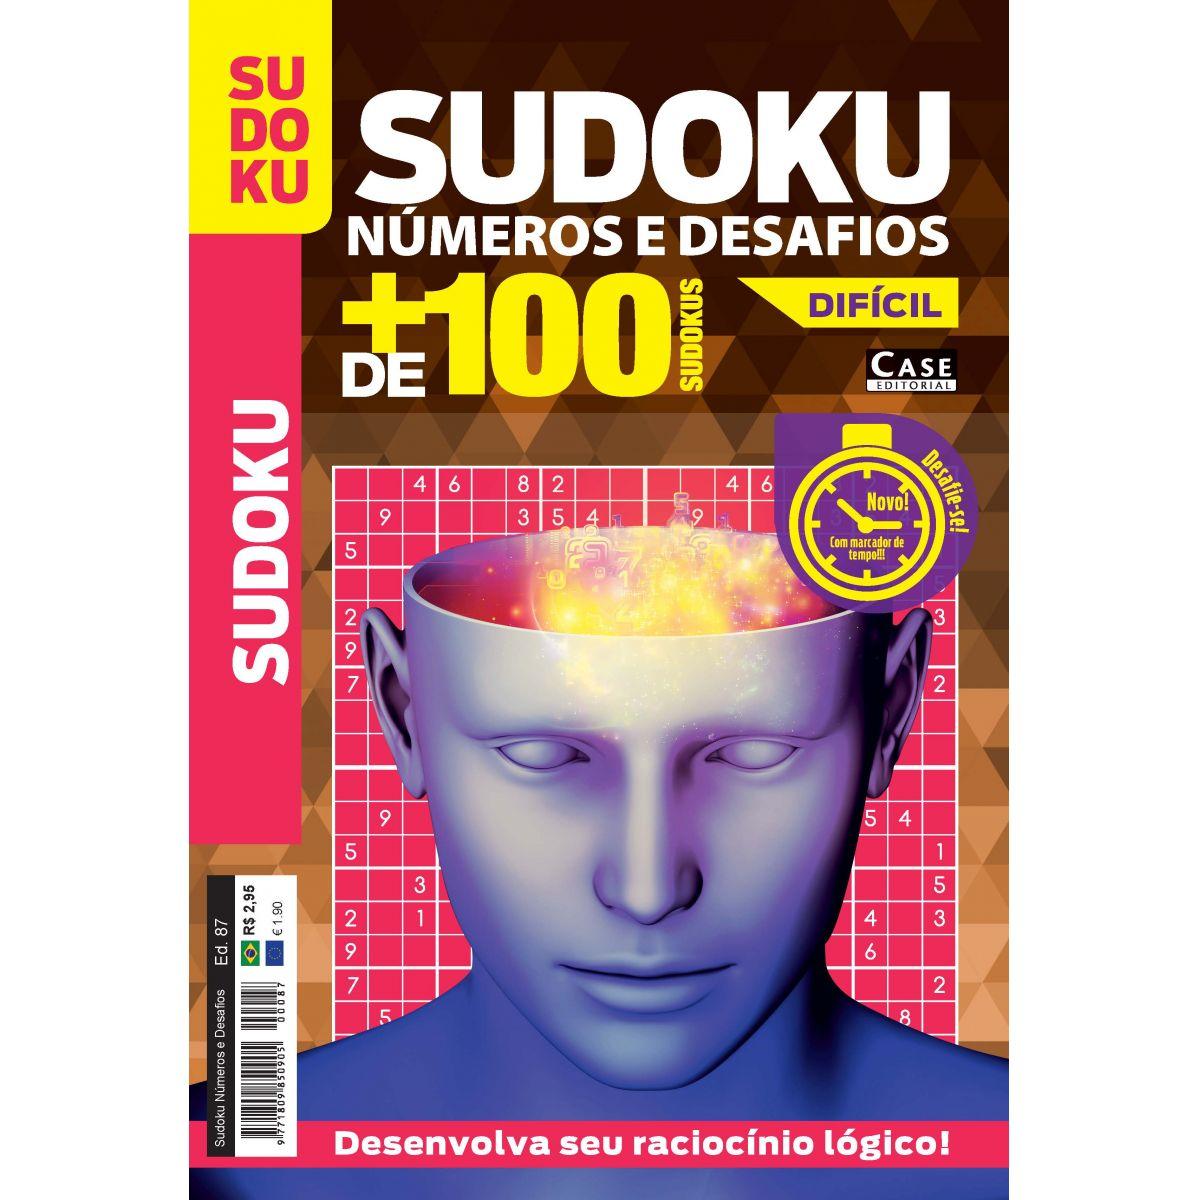 Sudoku Números e Desafios - Edição 87  - Case Editorial